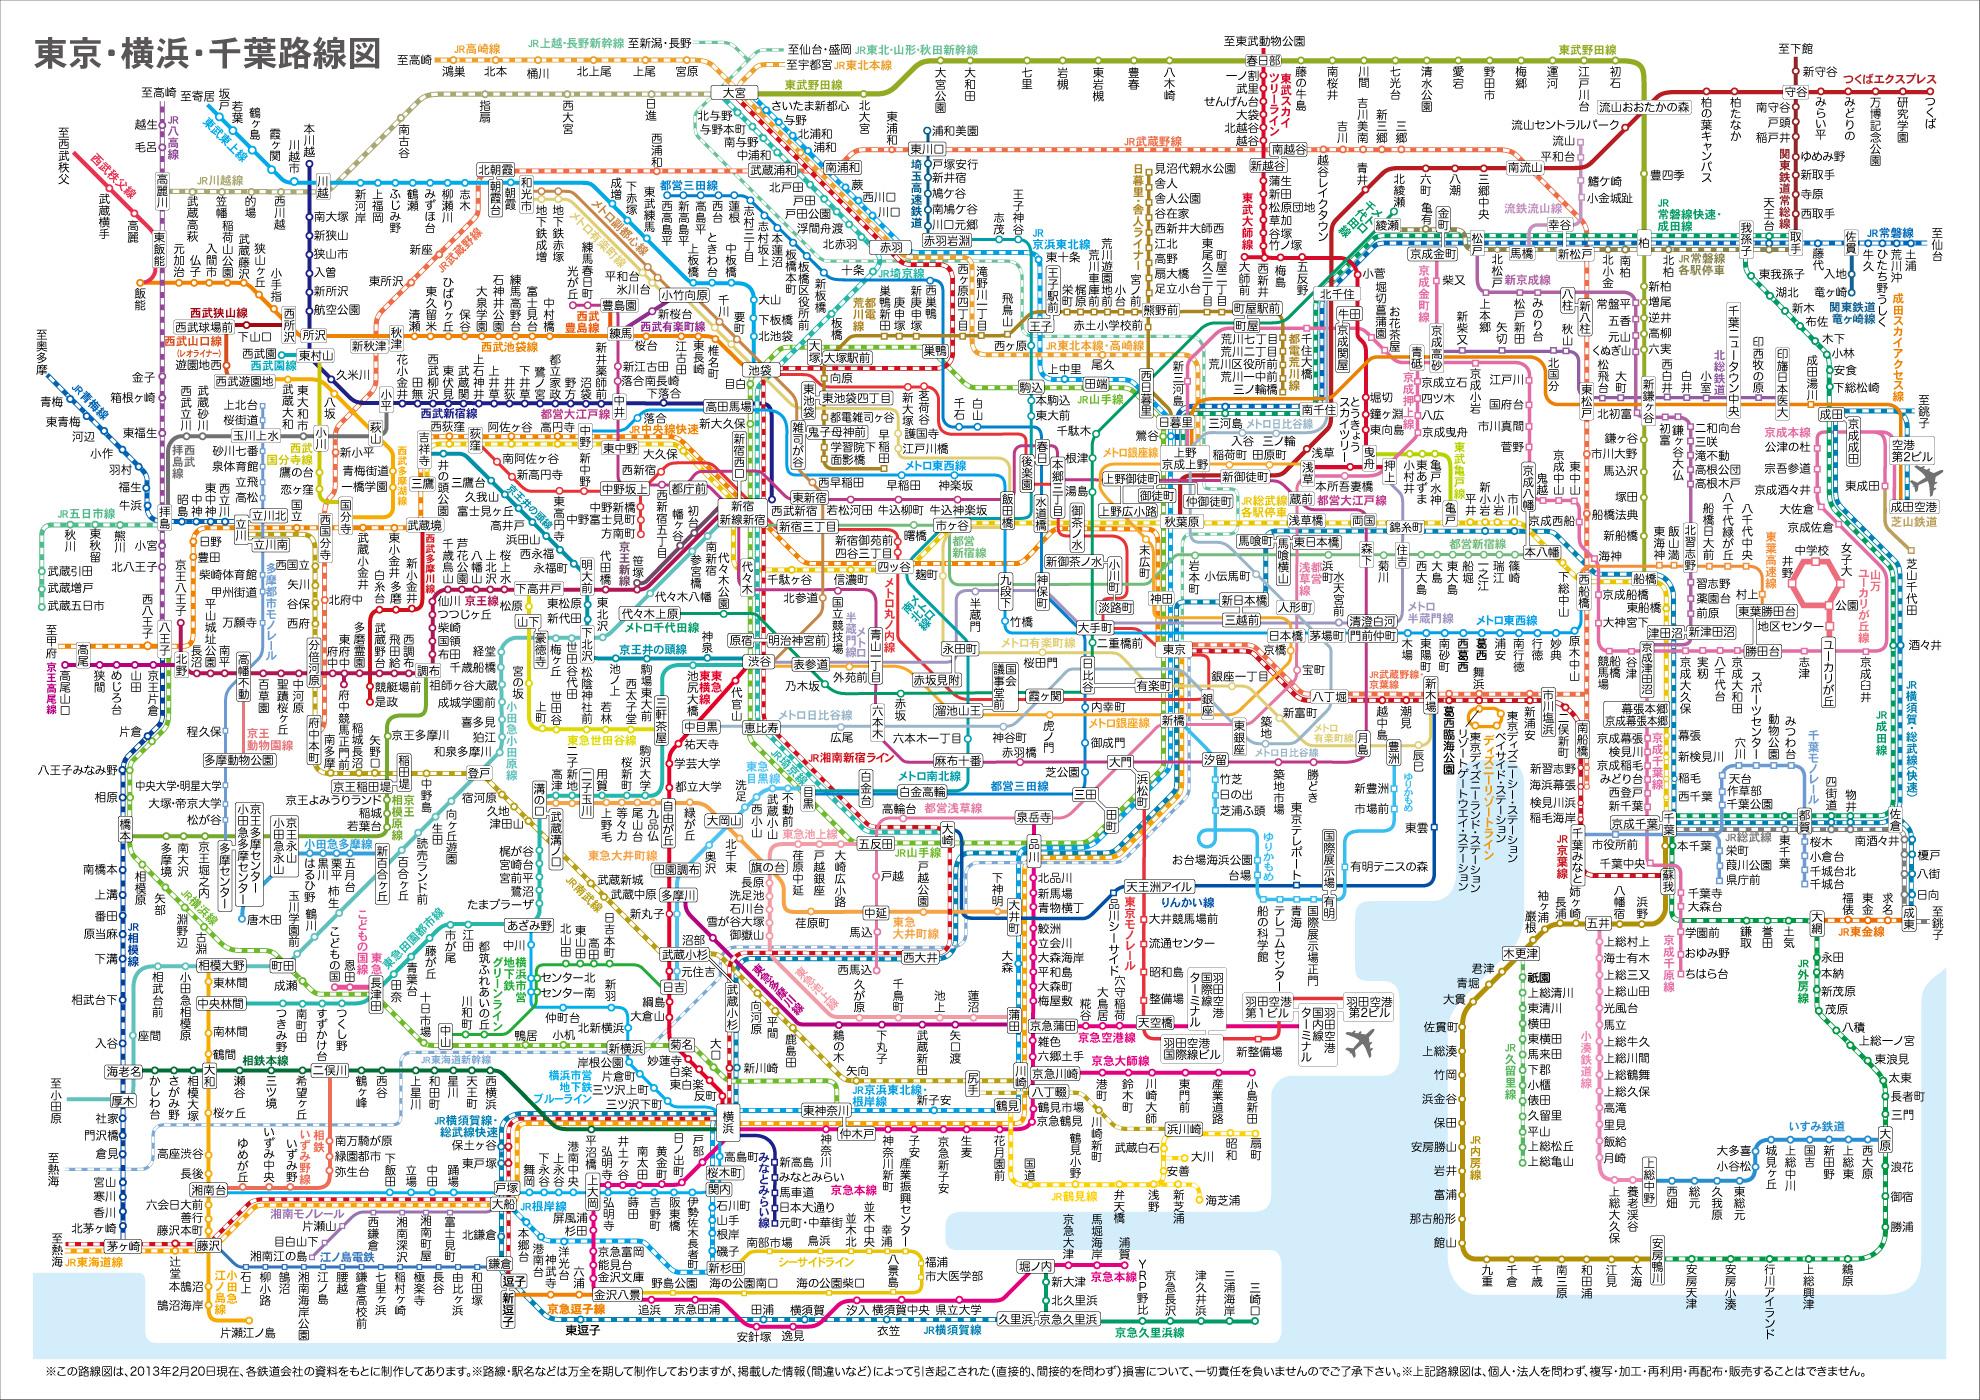 http://www.meik.jp/2rosenzu/jpg_640/tkyo_yko_chba.jpg